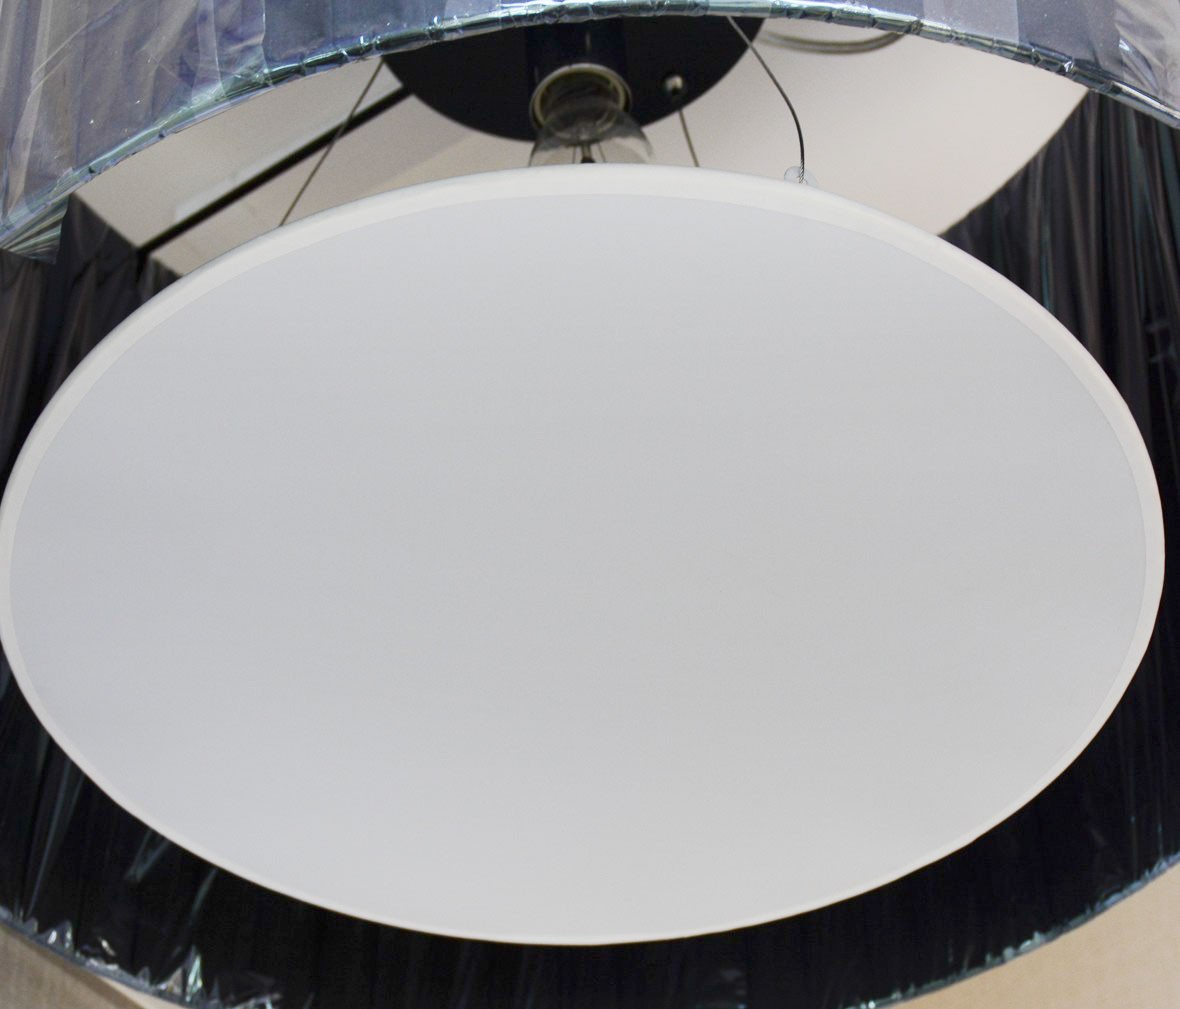 阿尼玛灯饰 S-5052/600型号黑色客厅吊灯 创意吊灯 图片、价格、品牌、评测样样齐全!【蓝景商城正品行货,蓝景丽家大钟寺家居广场提货,北京地区配送,领券更优惠,线上线下同品同价,立即购买享受更多优惠哦!】